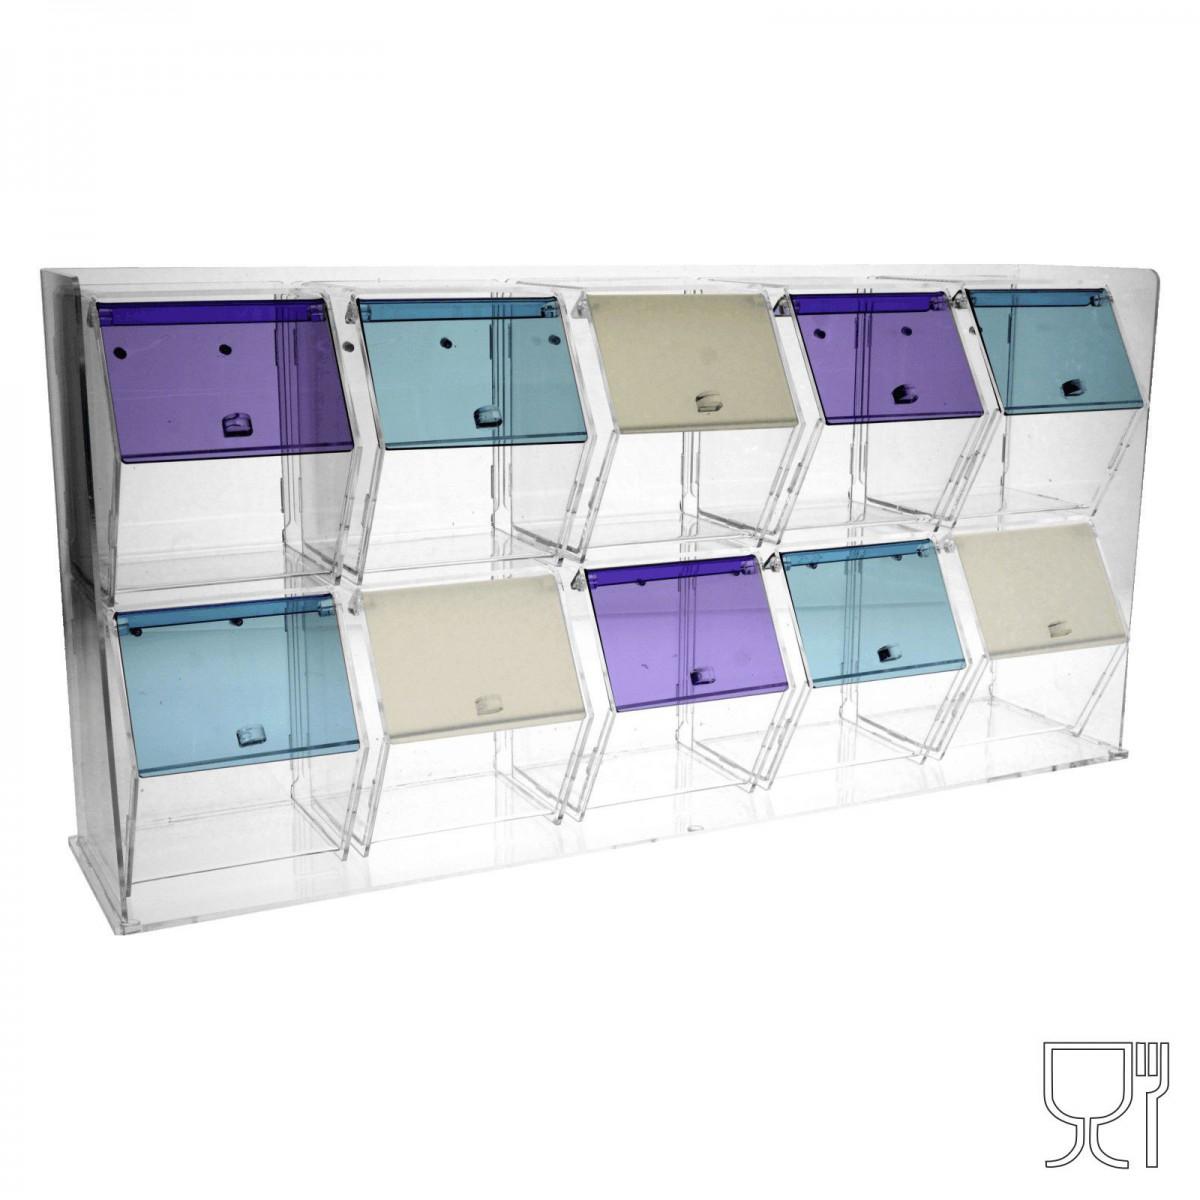 E-342 PGR - Porta granelle in plexiglass trasparente e colorato a 10 scomparti con sportelli